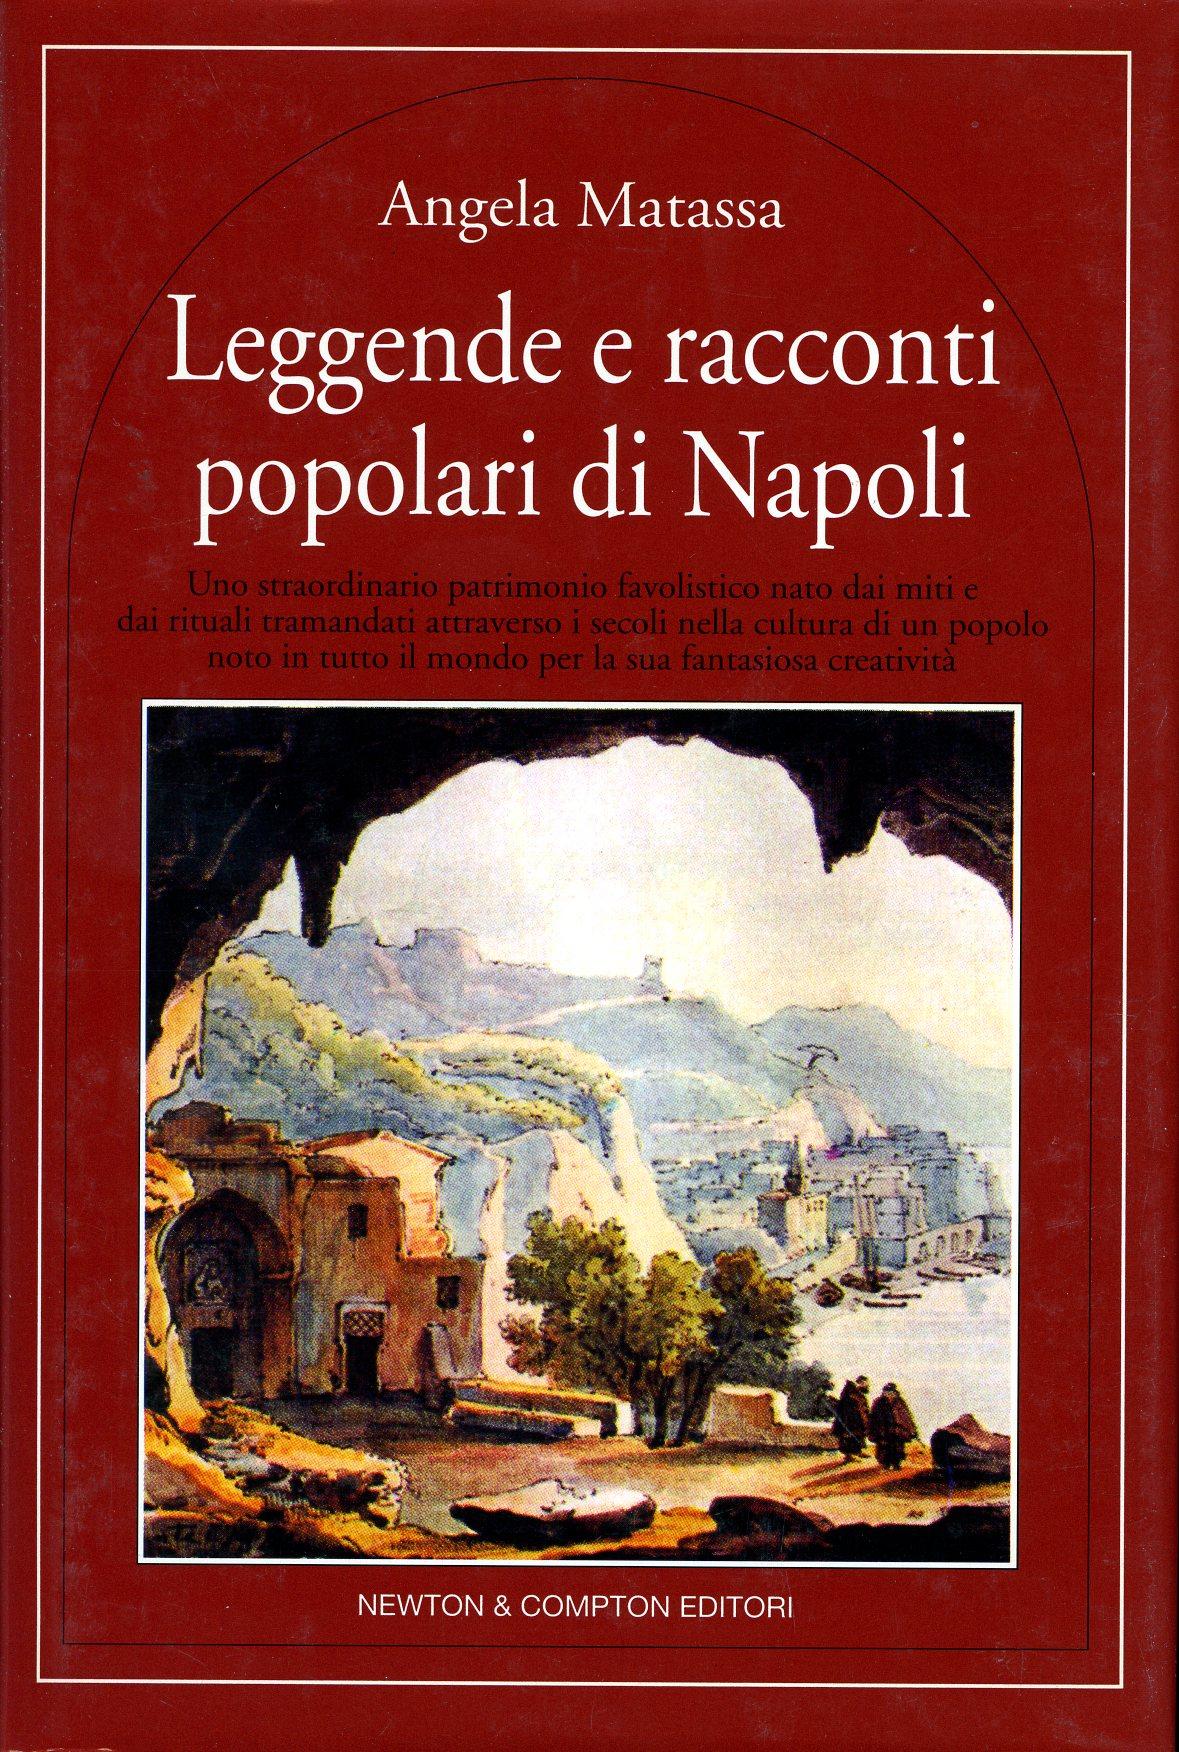 Leggende e racconti popolari di Napoli